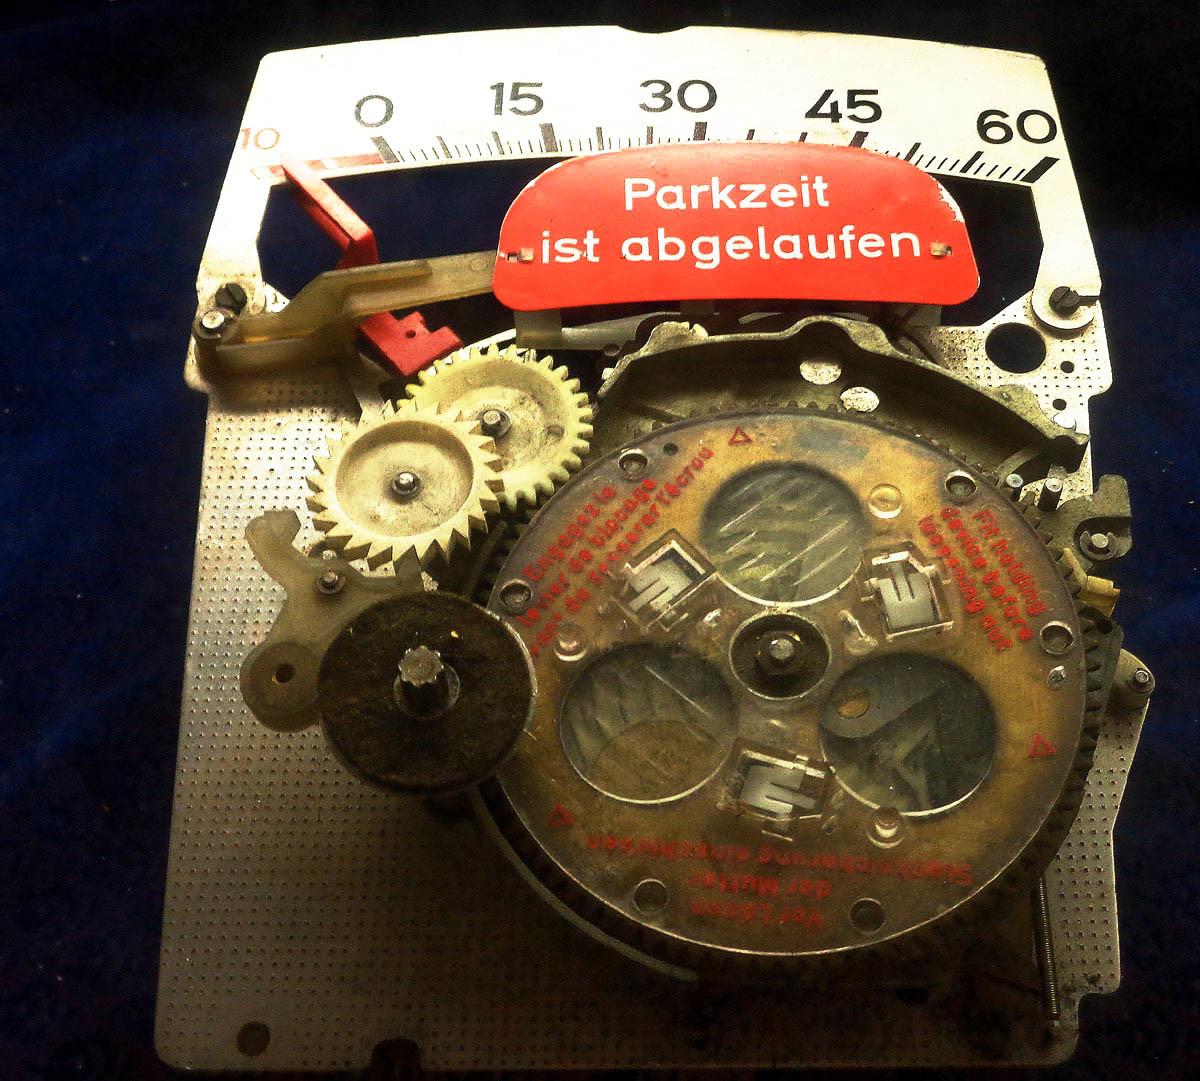 Die meisten Menschen sagen, sie haben keine Zeit. Kein Wunder, denn die wohnt in Putbus, im historischen Uhren- & Musikgerätemuseum